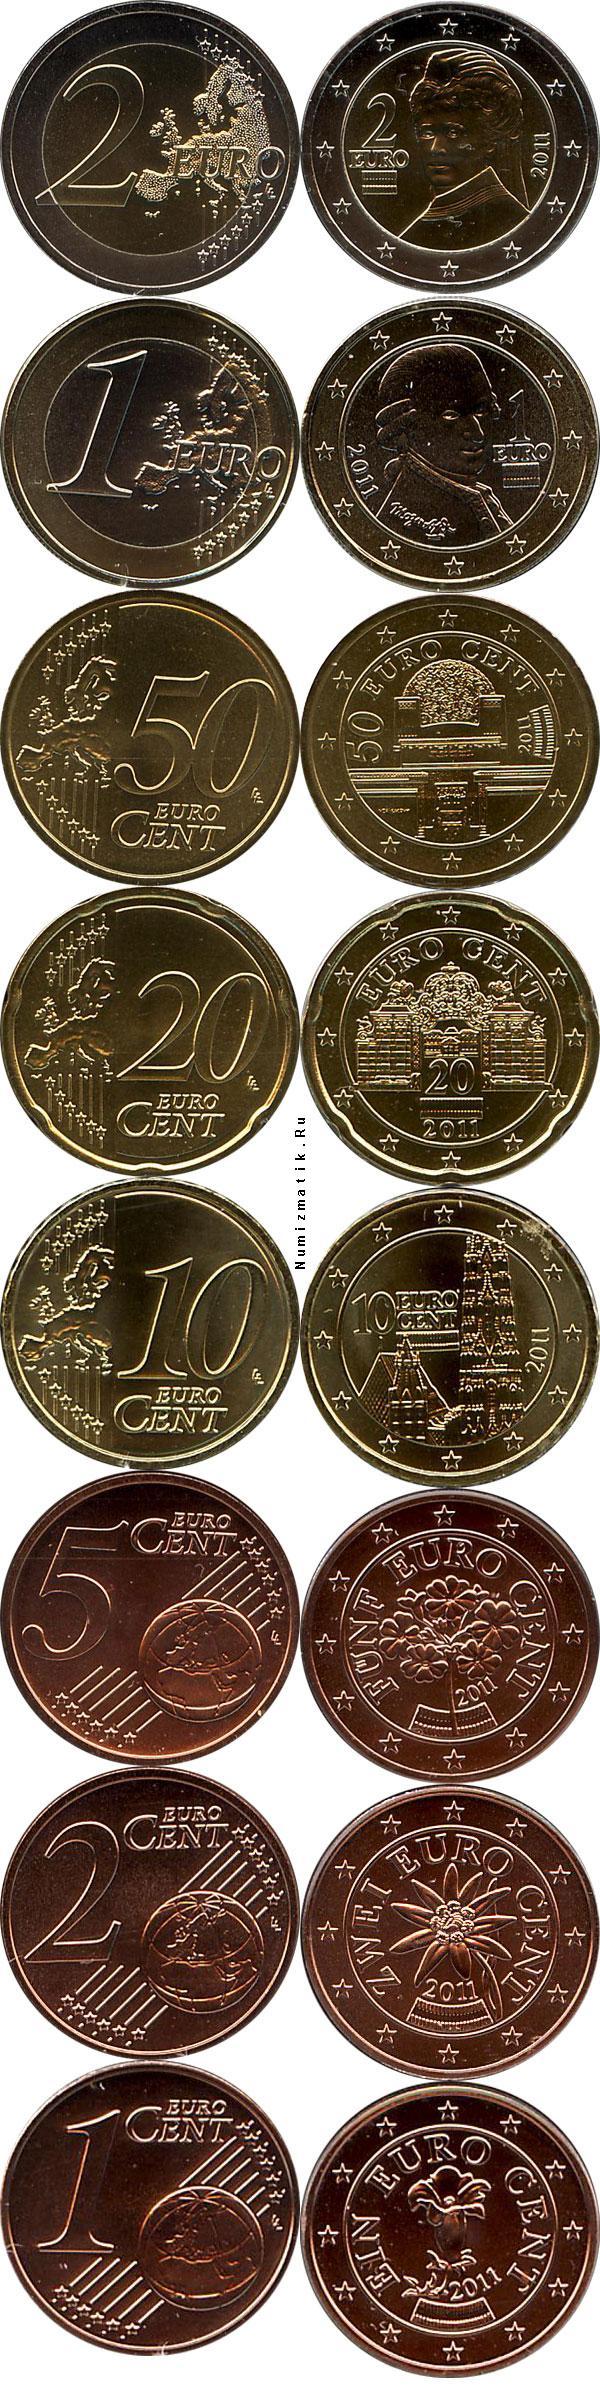 Каталог монет - Австрия Евронабор 2011